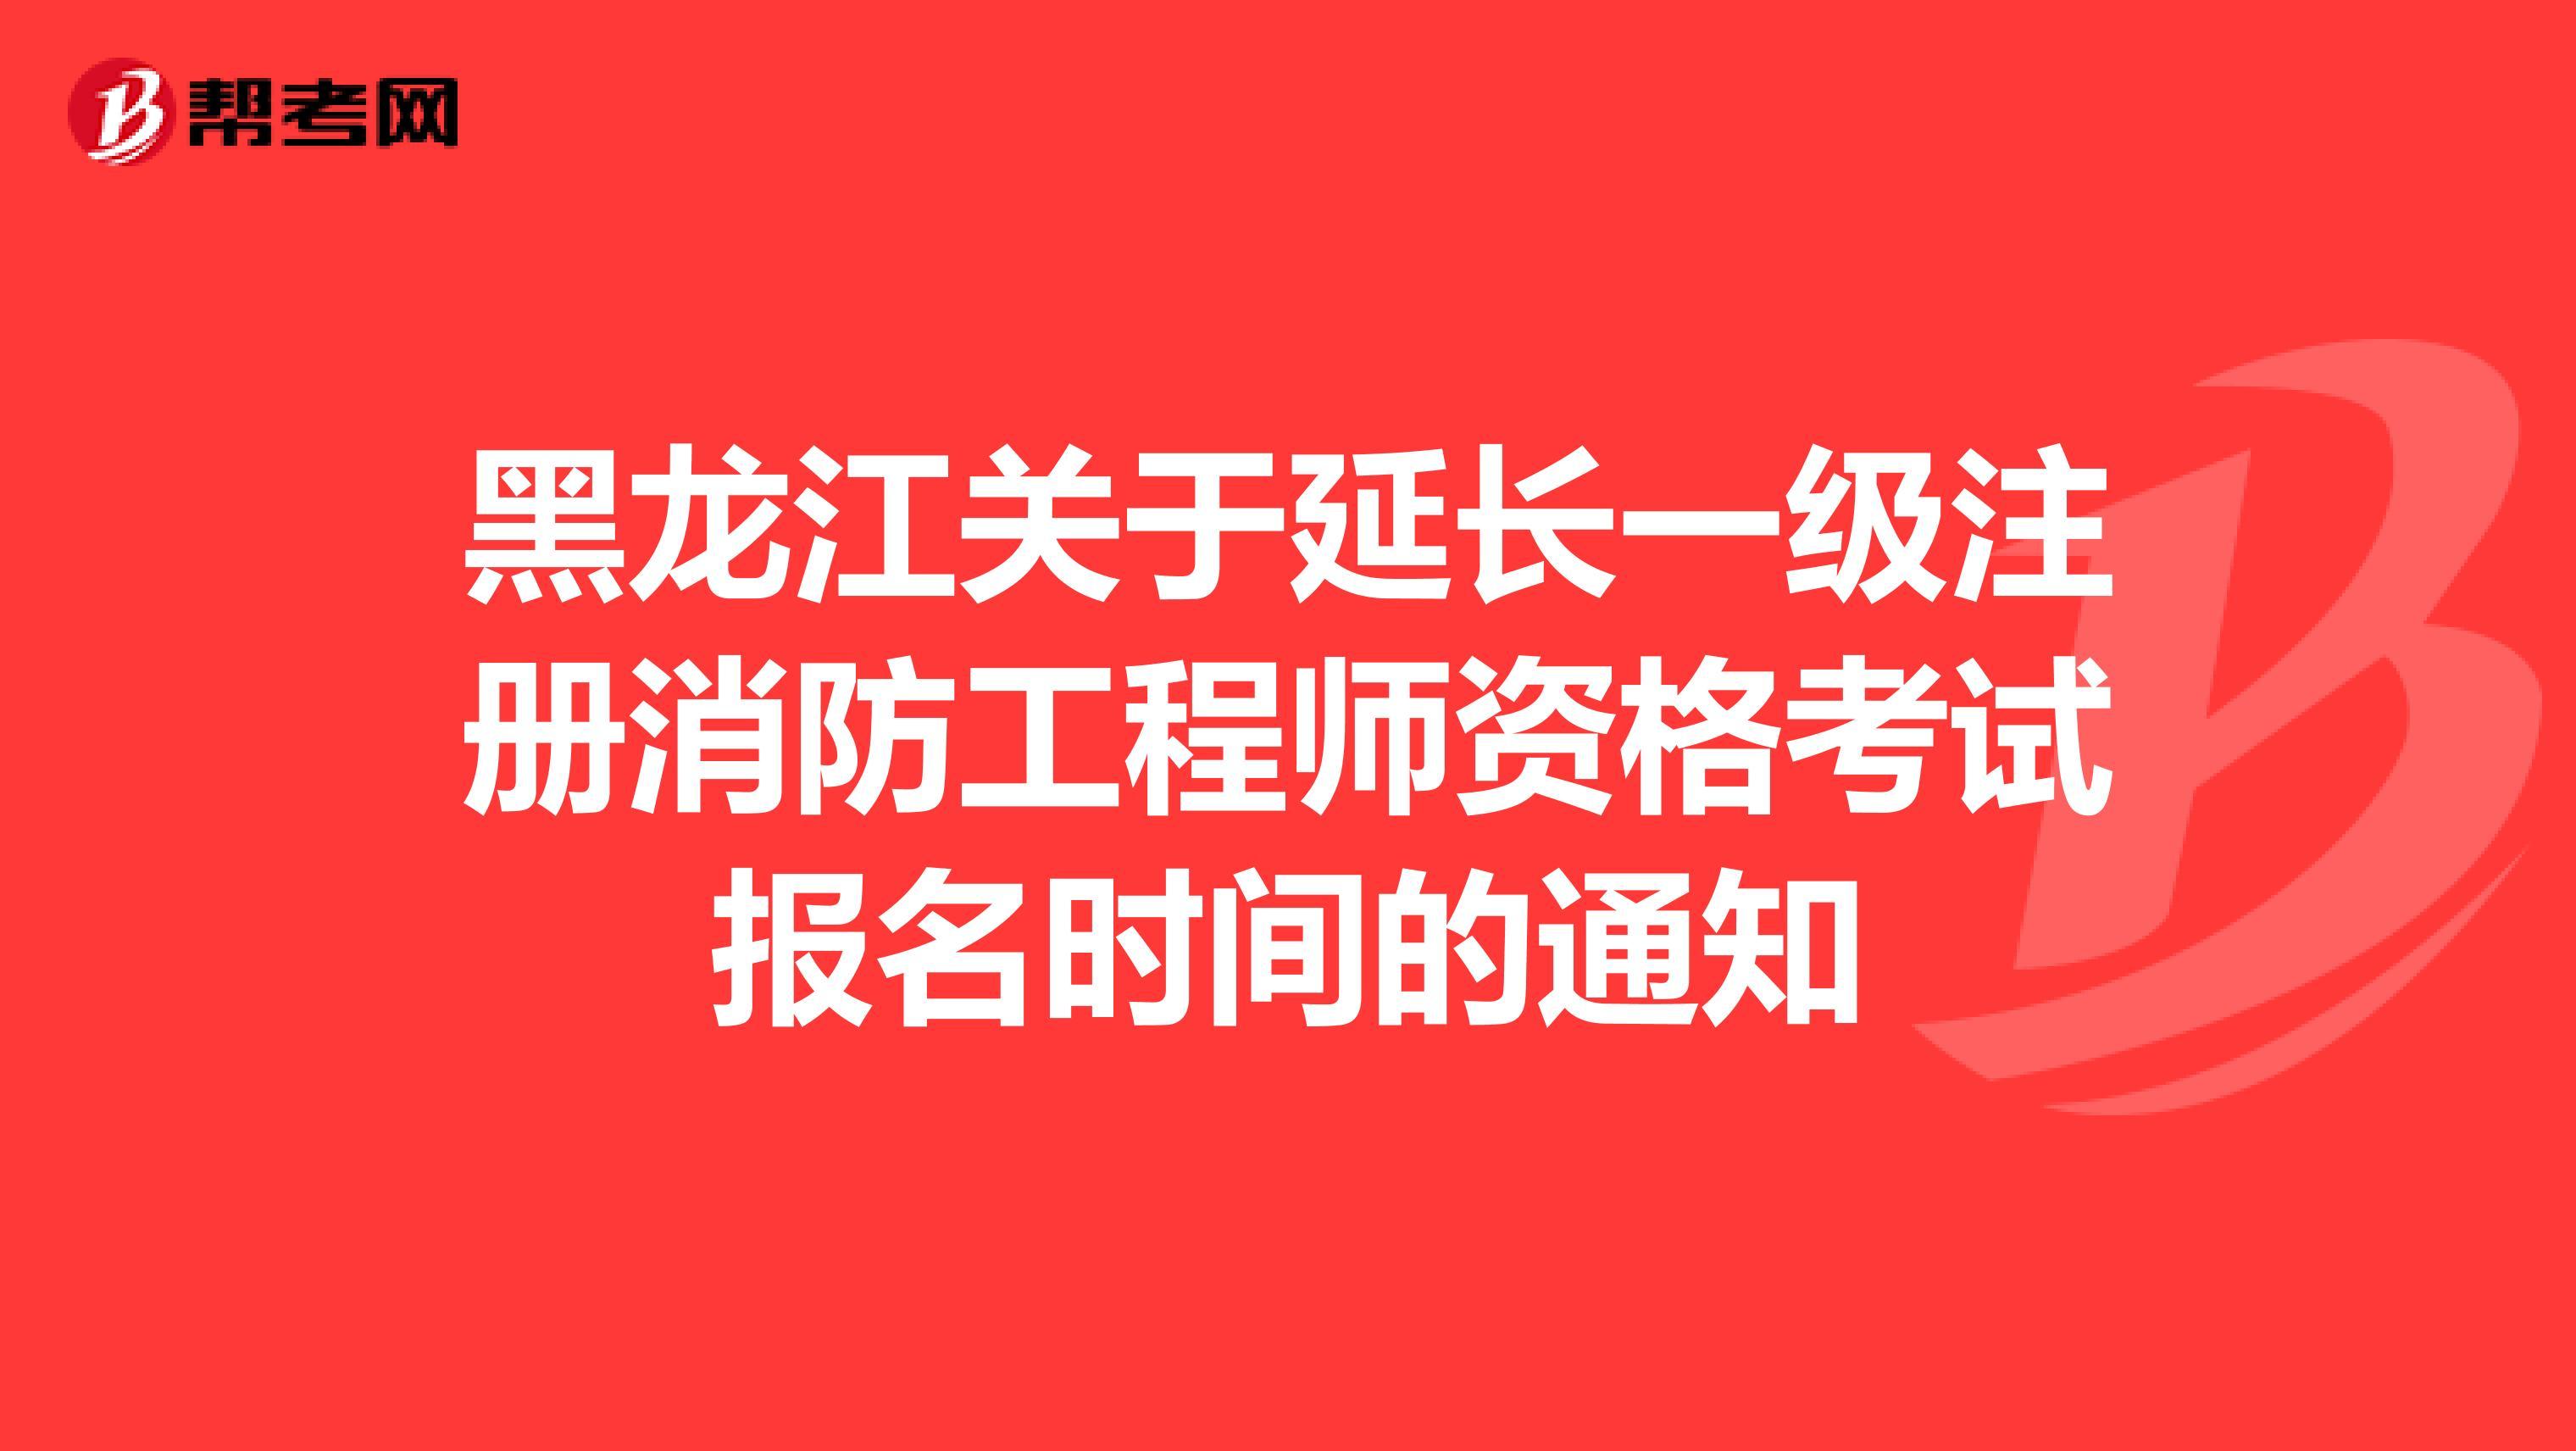 通知:2021年黑龙江一级消防工程师考试报名延长到9月16日!